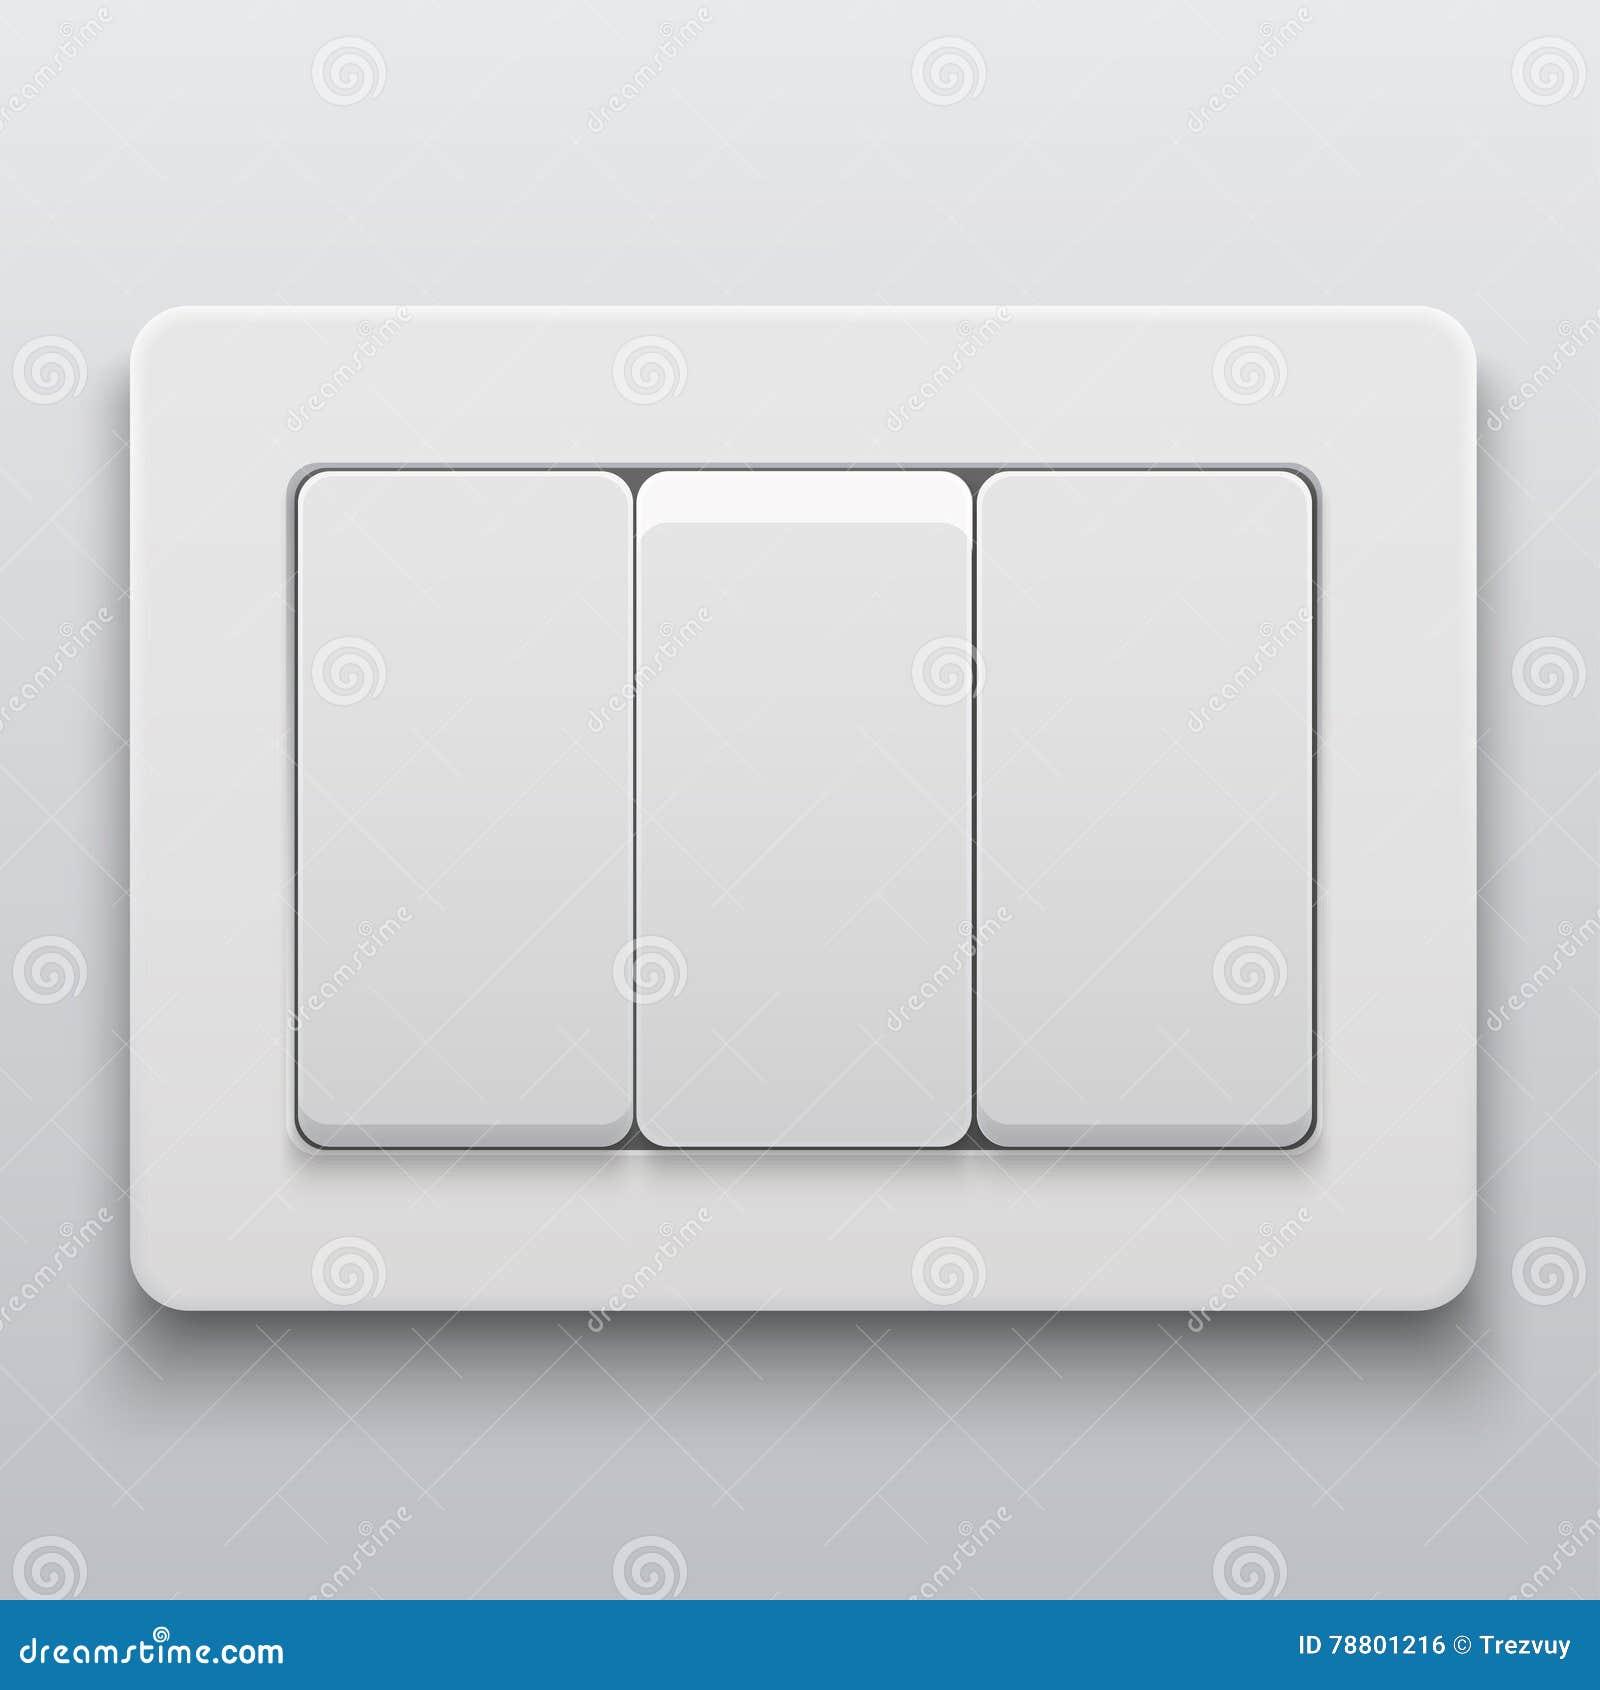 fond moderne d 39 ic ne d 39 interrupteur de lampe de vecteur illustration de vecteur image 78801216. Black Bedroom Furniture Sets. Home Design Ideas